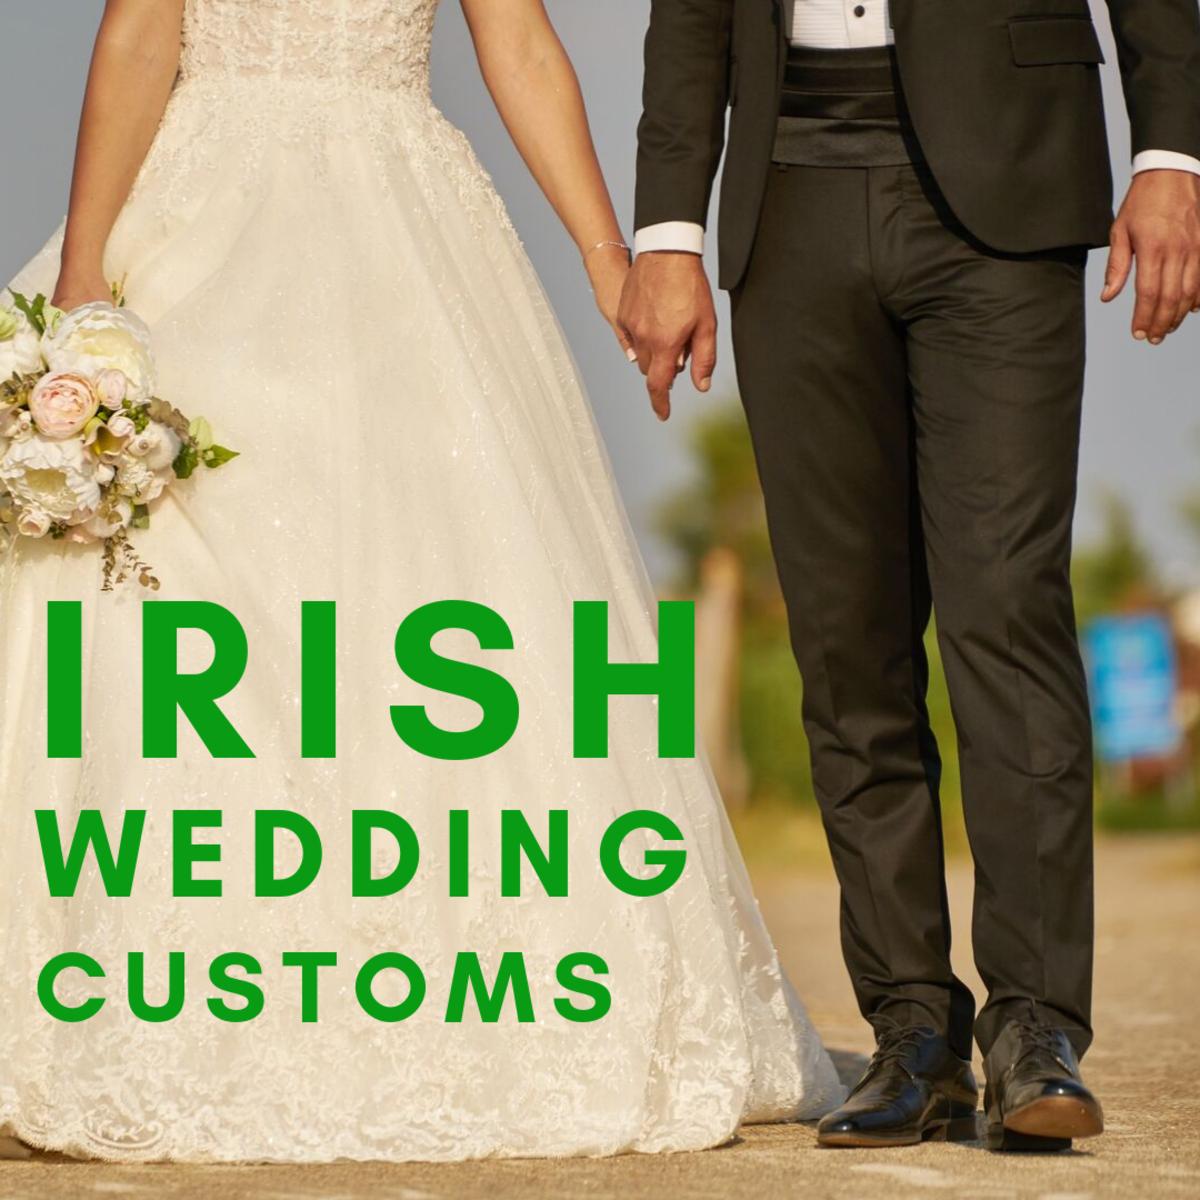 Irish Wedding Customs